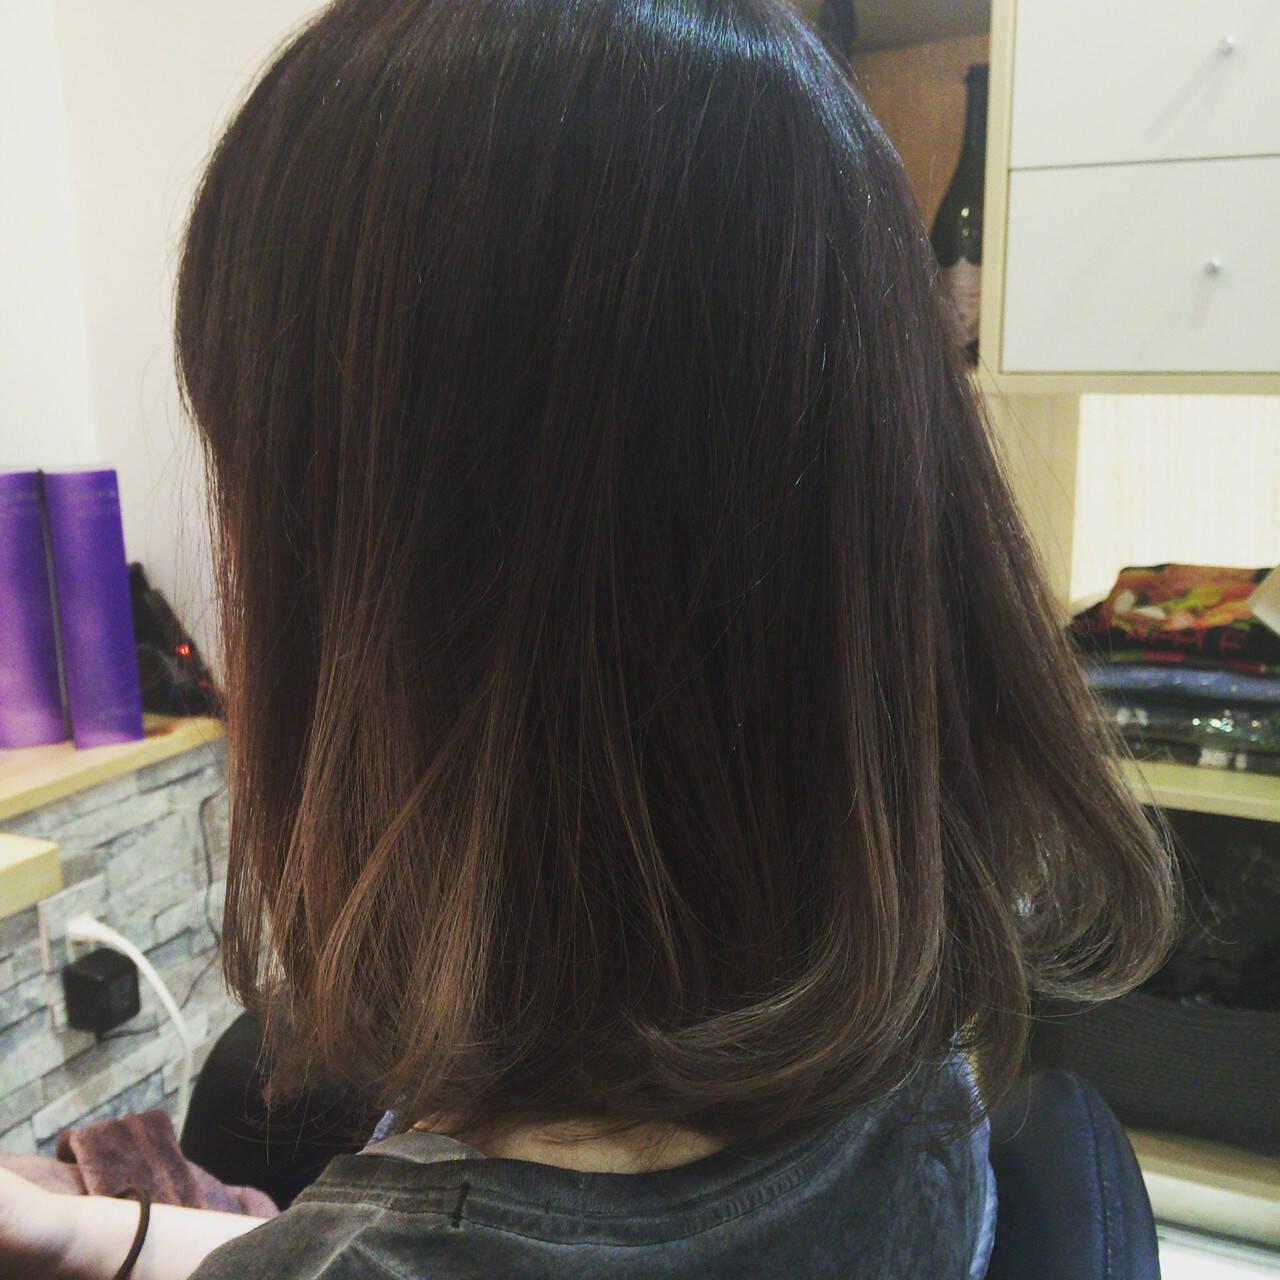 ゆるふわ ボブ ブラウン グラデーションカラーヘアスタイルや髪型の写真・画像